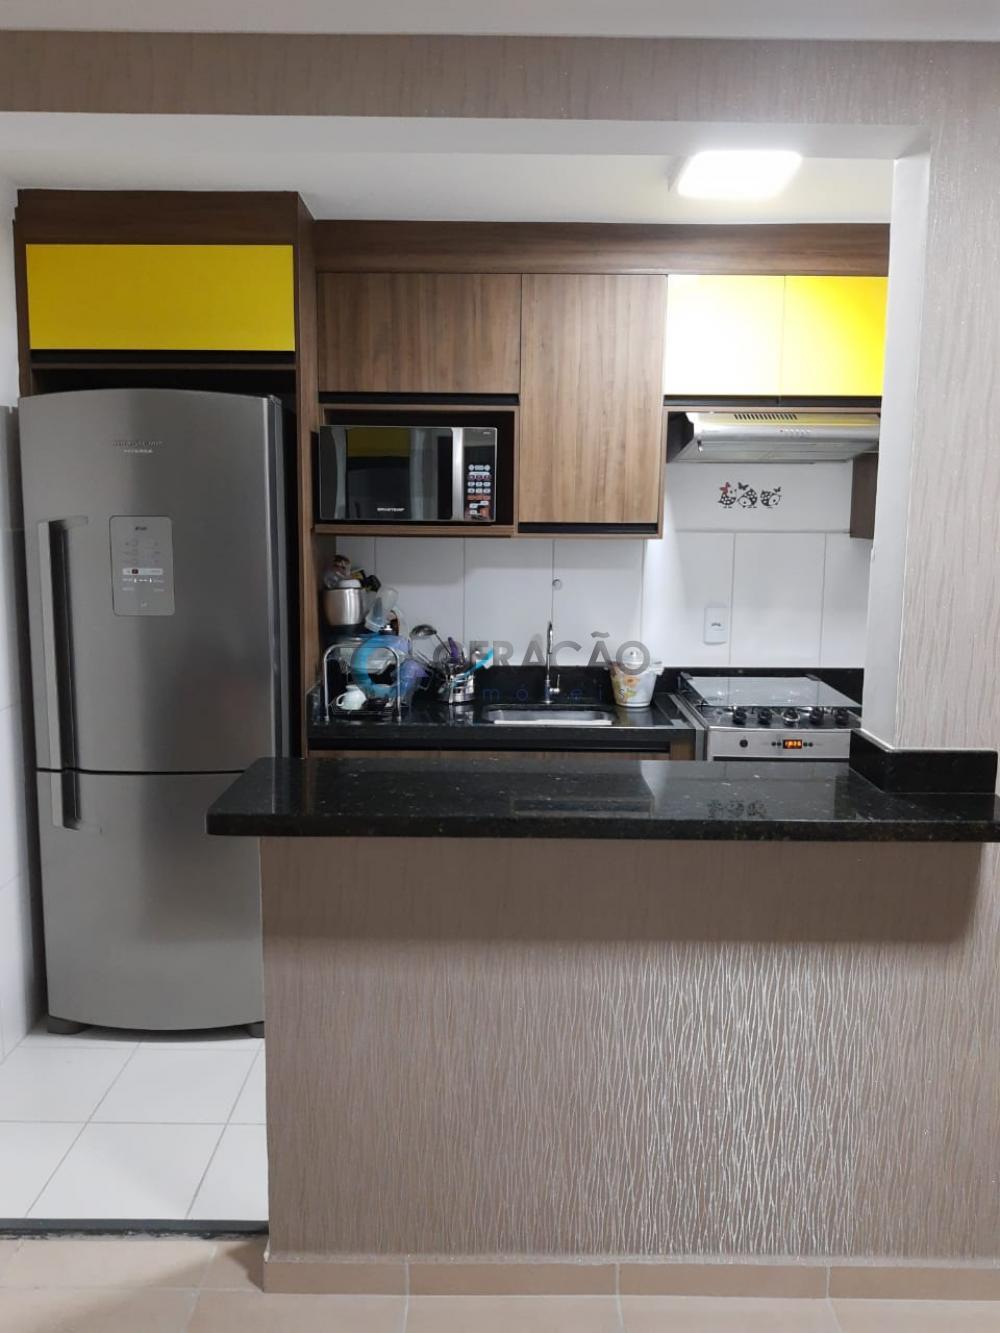 Alugar Apartamento / Padrão em São José dos Campos R$ 1.800,00 - Foto 2